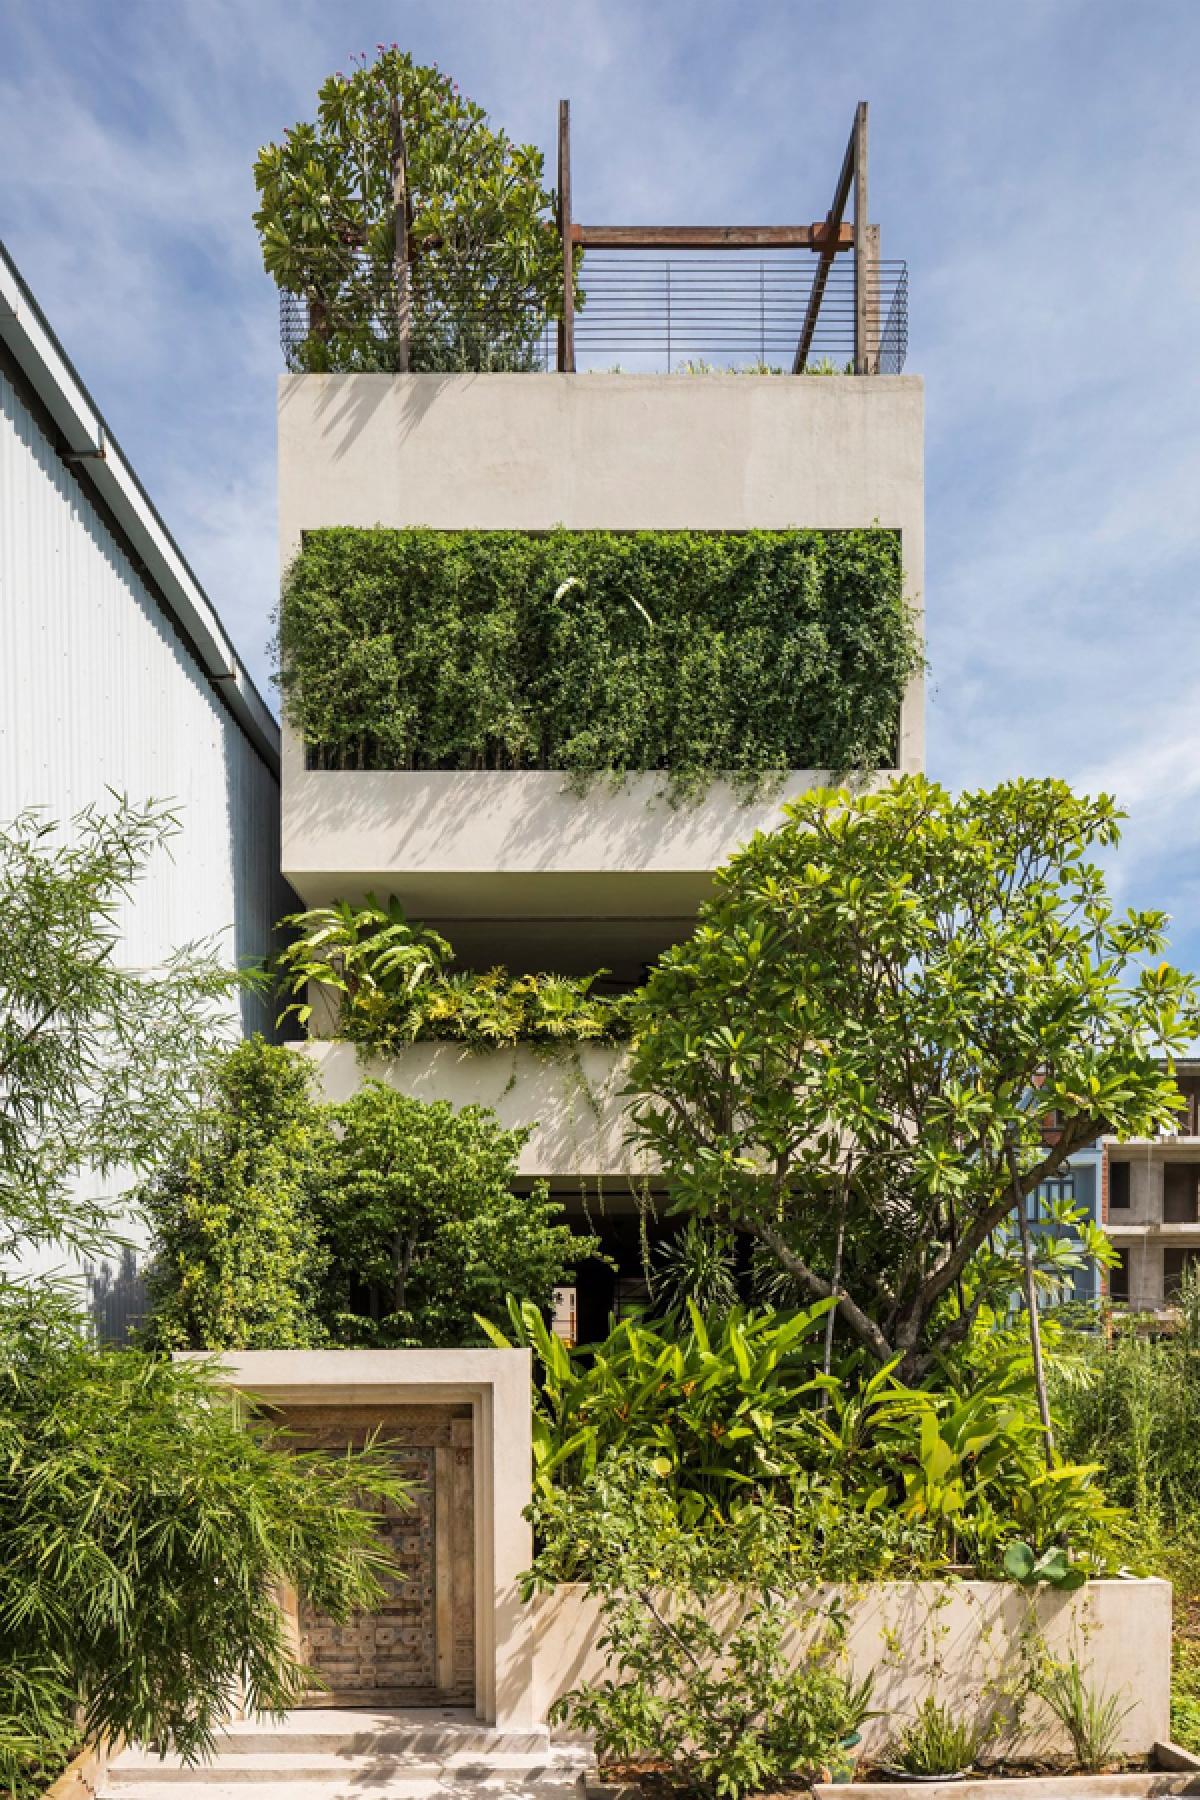 Công trình có cấu trúc một ngôi nhà phố, với diện tích xây dựng 162m2, nằm ở ngoại ô thành phố Hồ Chí Minh. Khoảng sân vườn không rộng nhưng được trồng nhiều cây xanh tươi tốt như một khu rừng. Kiến trúc công trình hiện đại, đơn giản với những mảng khối mạnh mẽ.